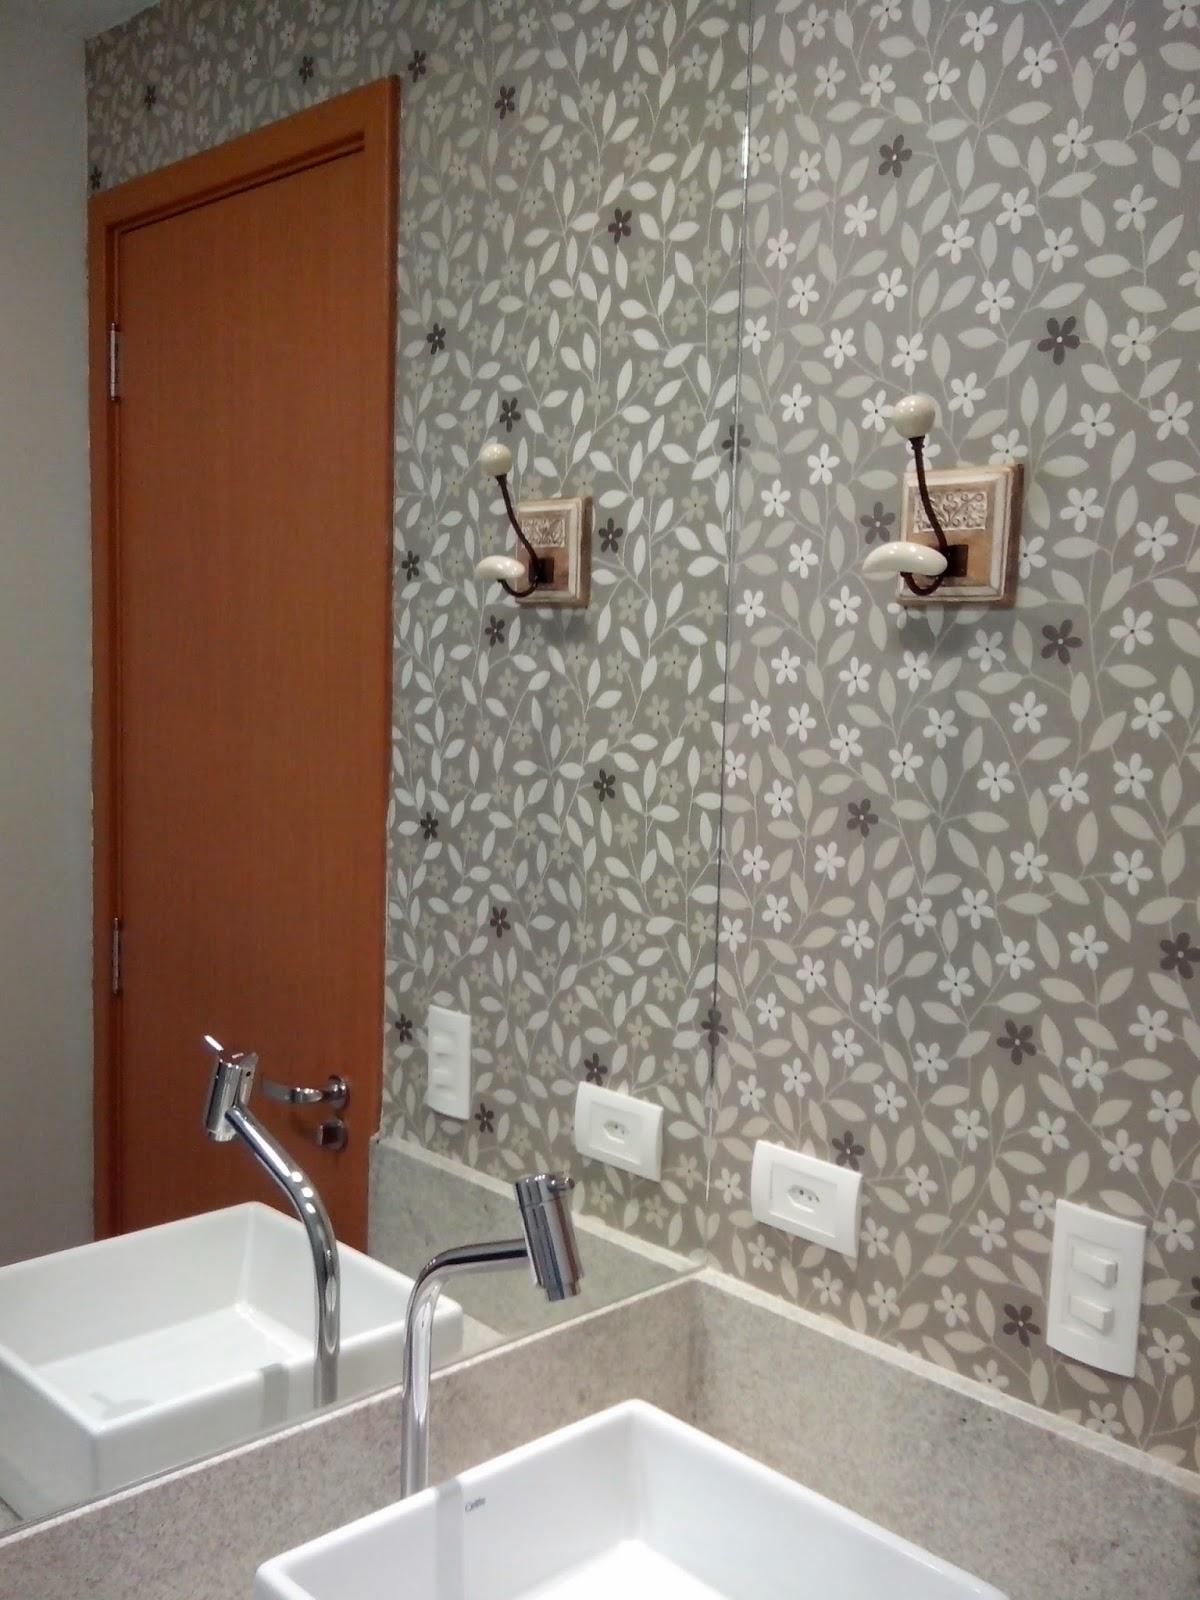 Reforma do meu apê: Papel de parede e espelhos #6C3922 1200 1600